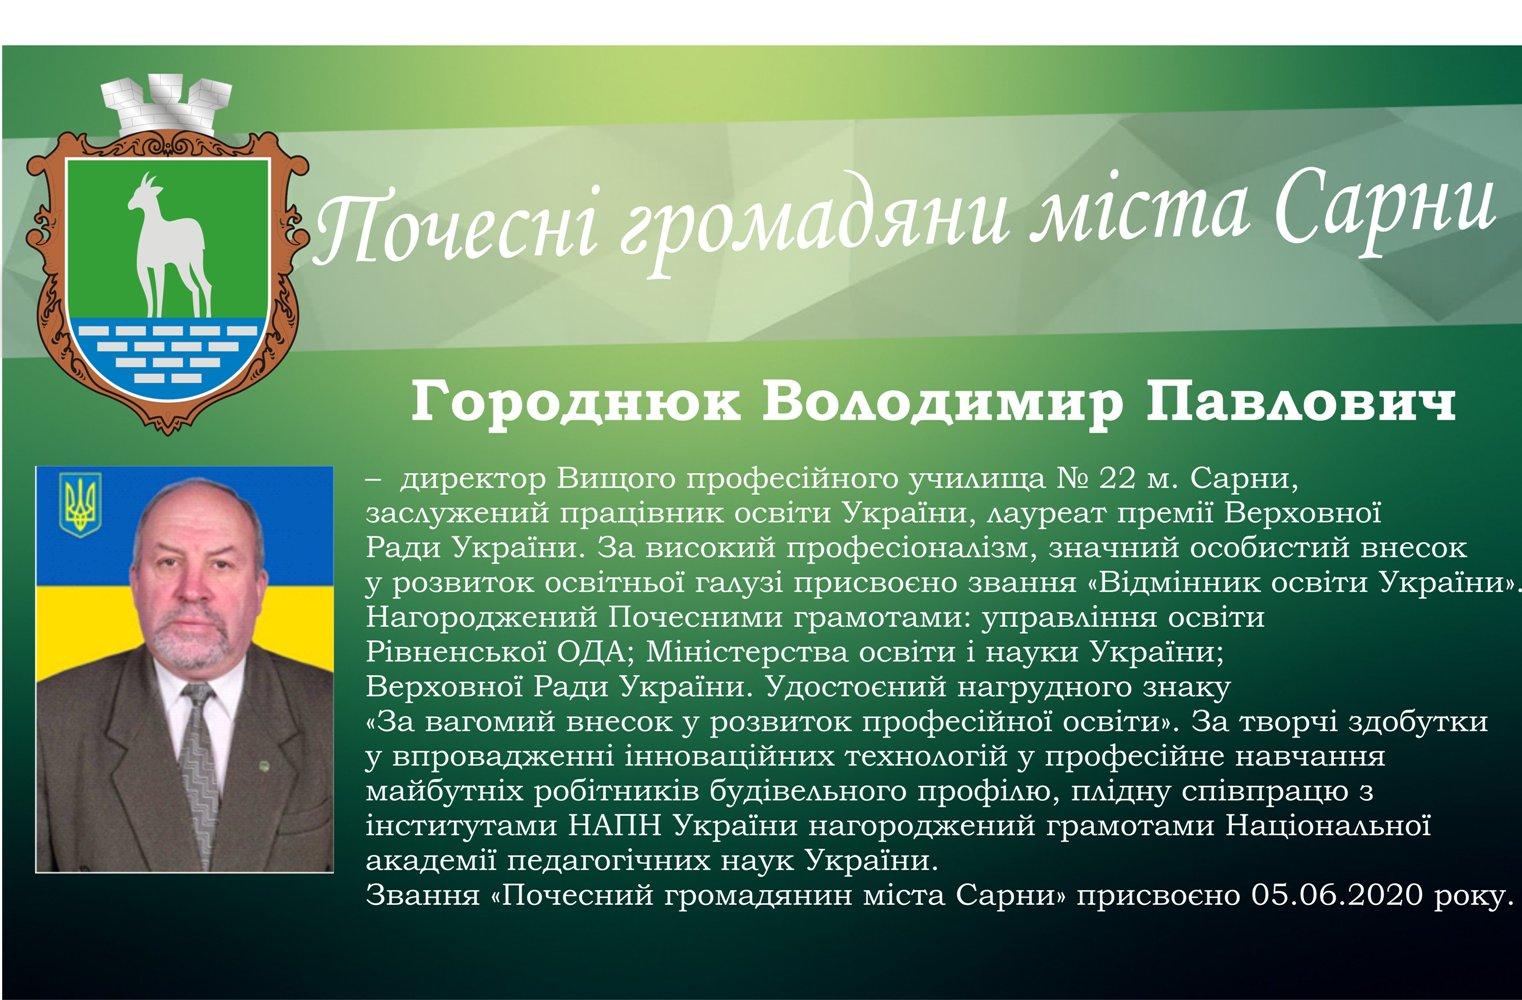 Городнюк Володимир Павлович